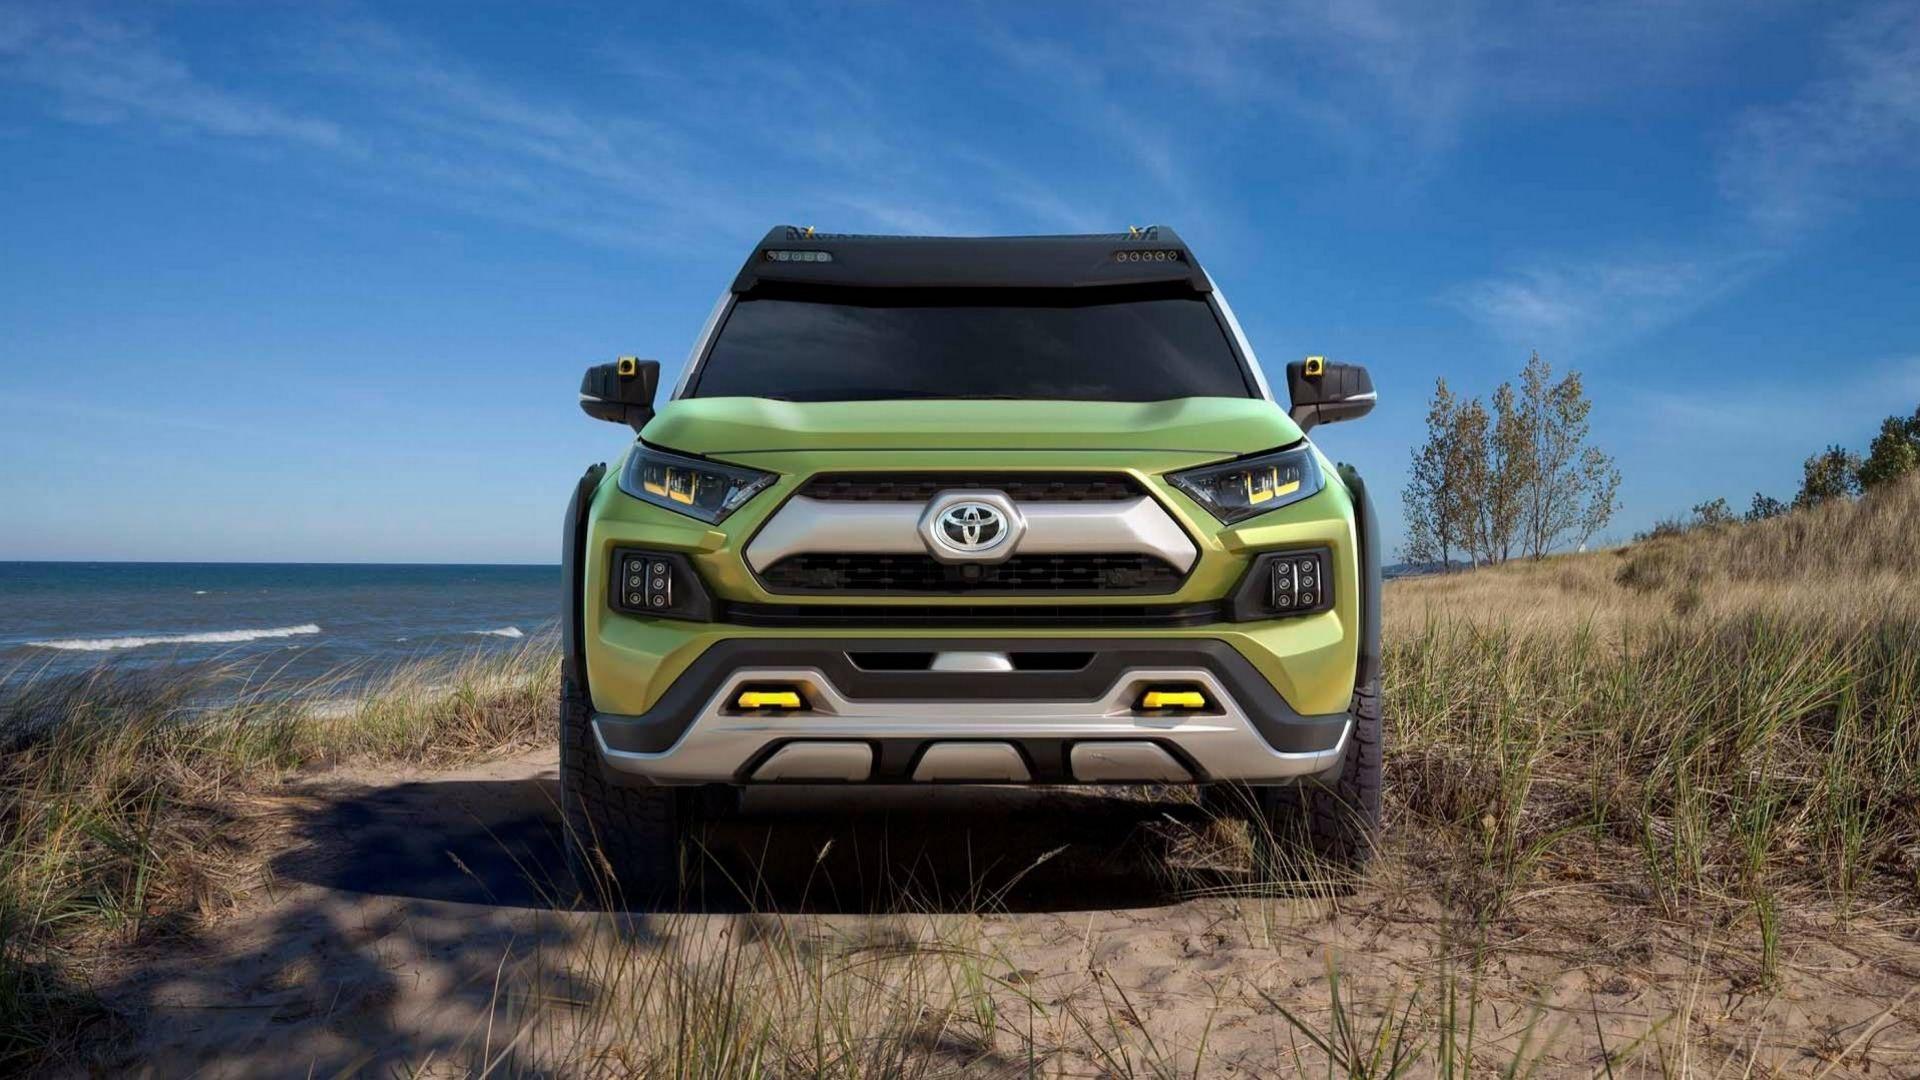 Nissan Frontier Diesel >> Nuova Toyota RAV4 2019: foto, caratteristiche, data di lancio - MotorBox